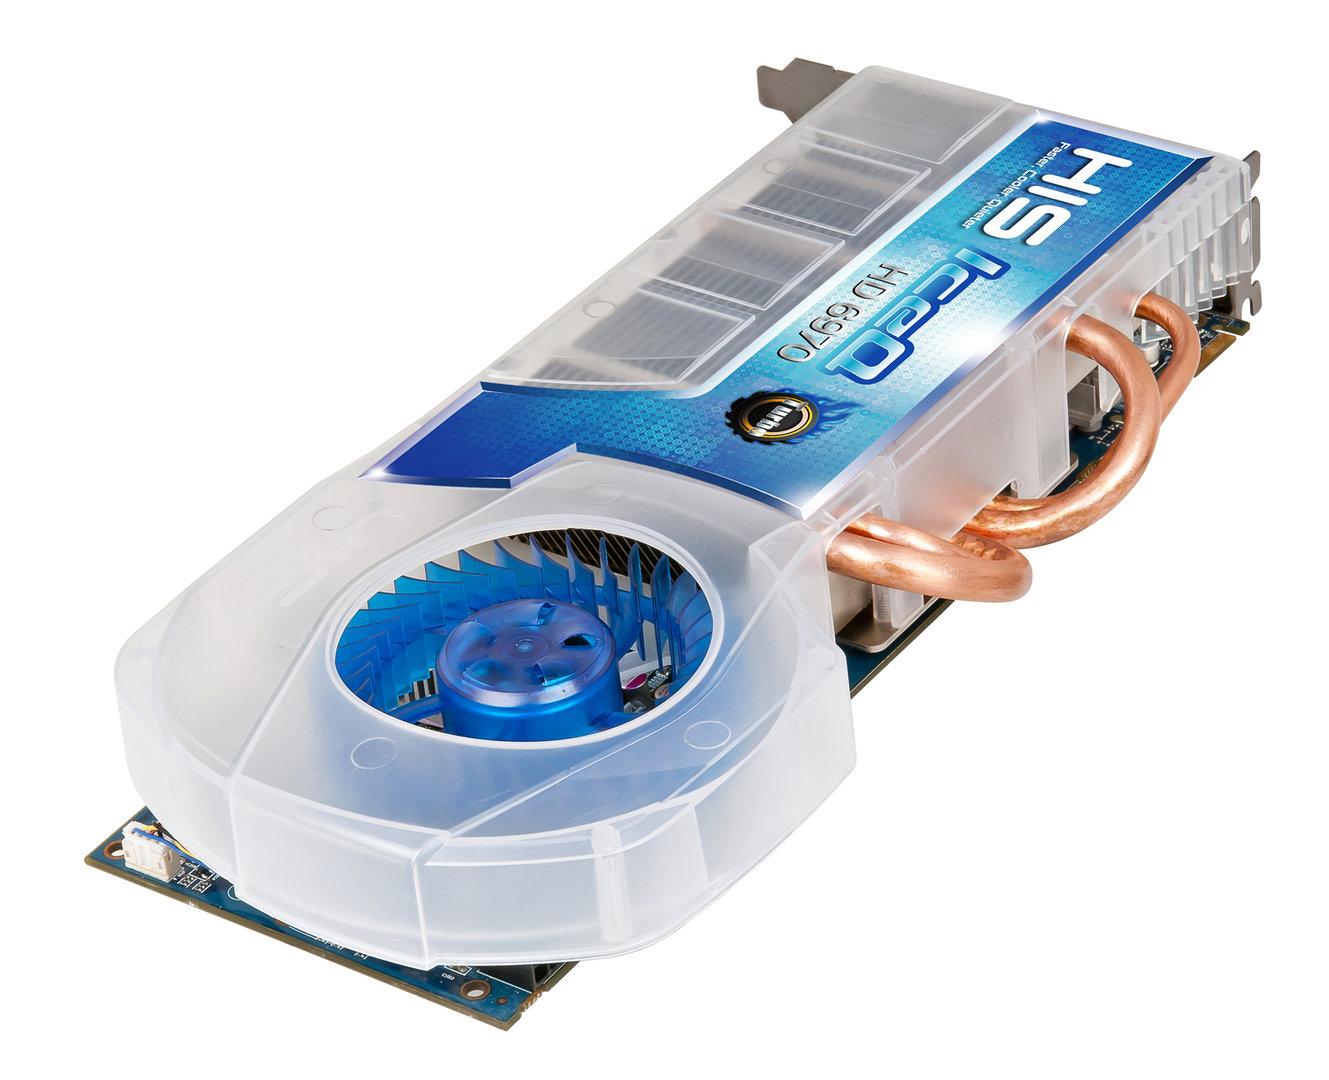 HIS 6970 IceQ Turbo